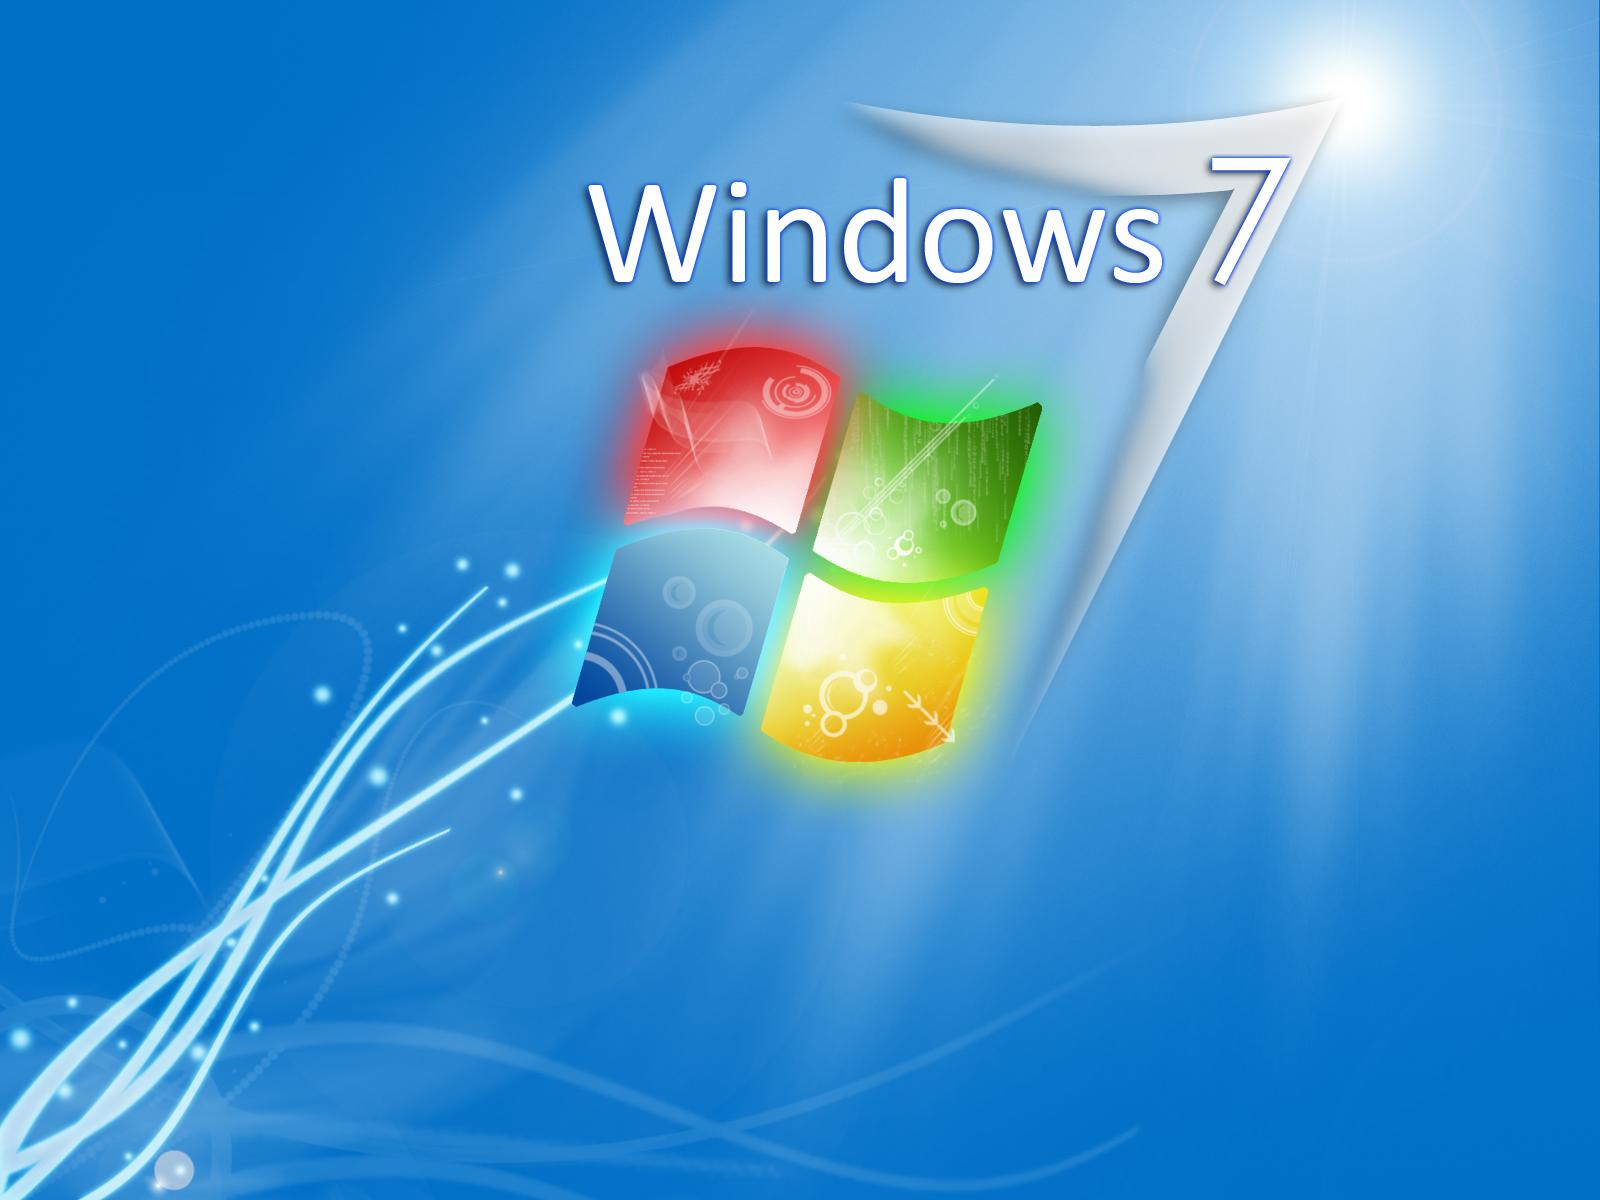 Free Download Window 7 Hd Wallpaper Hd Wallpapers Of Windows